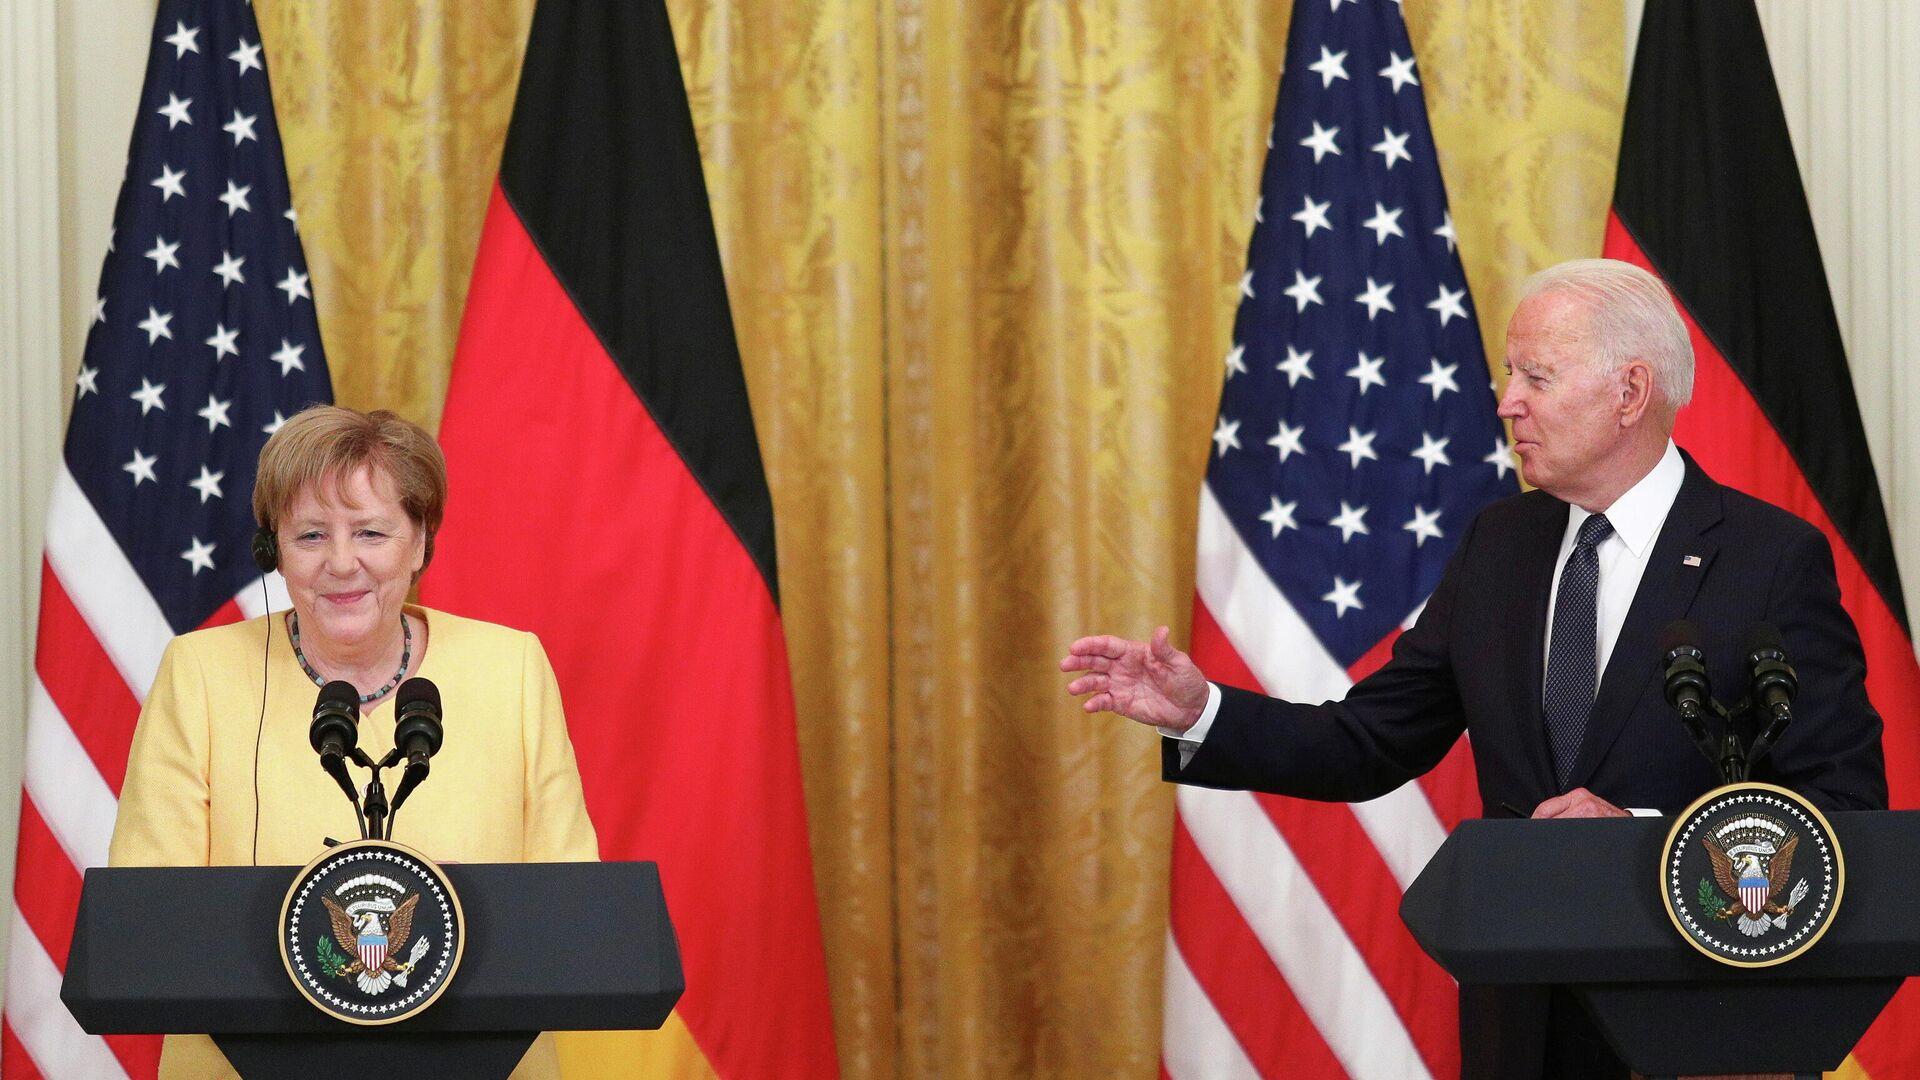 Treffen von Angela Merkel und Joe Biden in Washington  - SNA, 1920, 16.07.2021